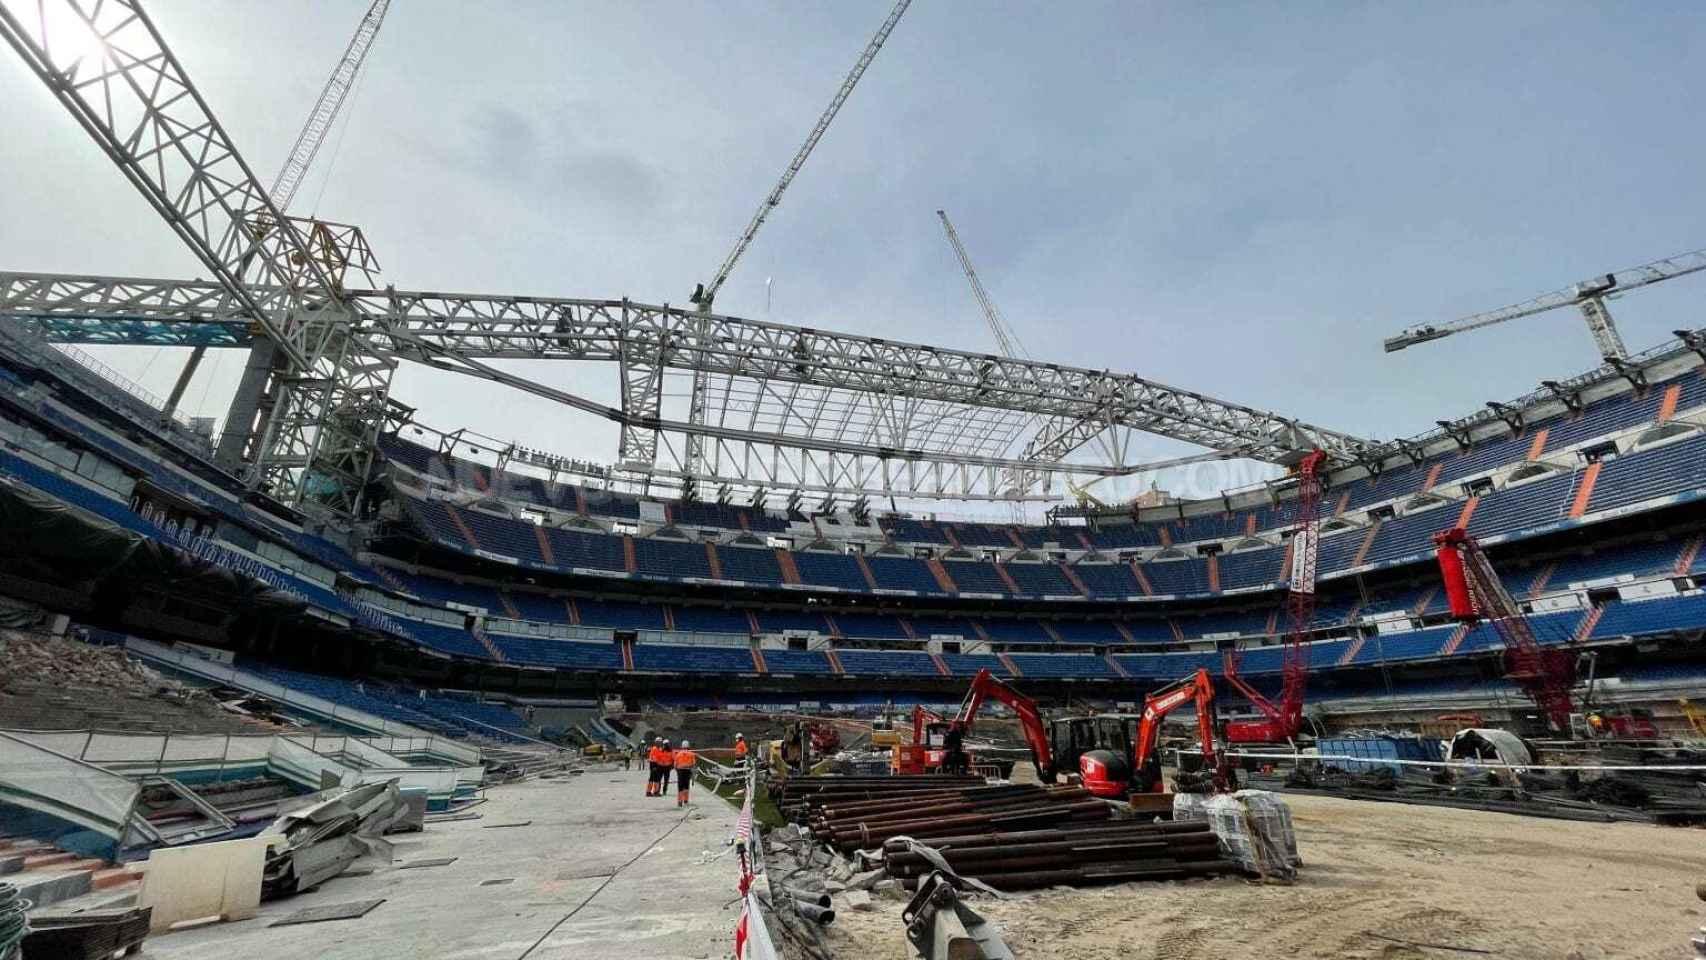 Las obras del Estadio Santiago Bernabéu en el mes de marzo desde el terreno de juego